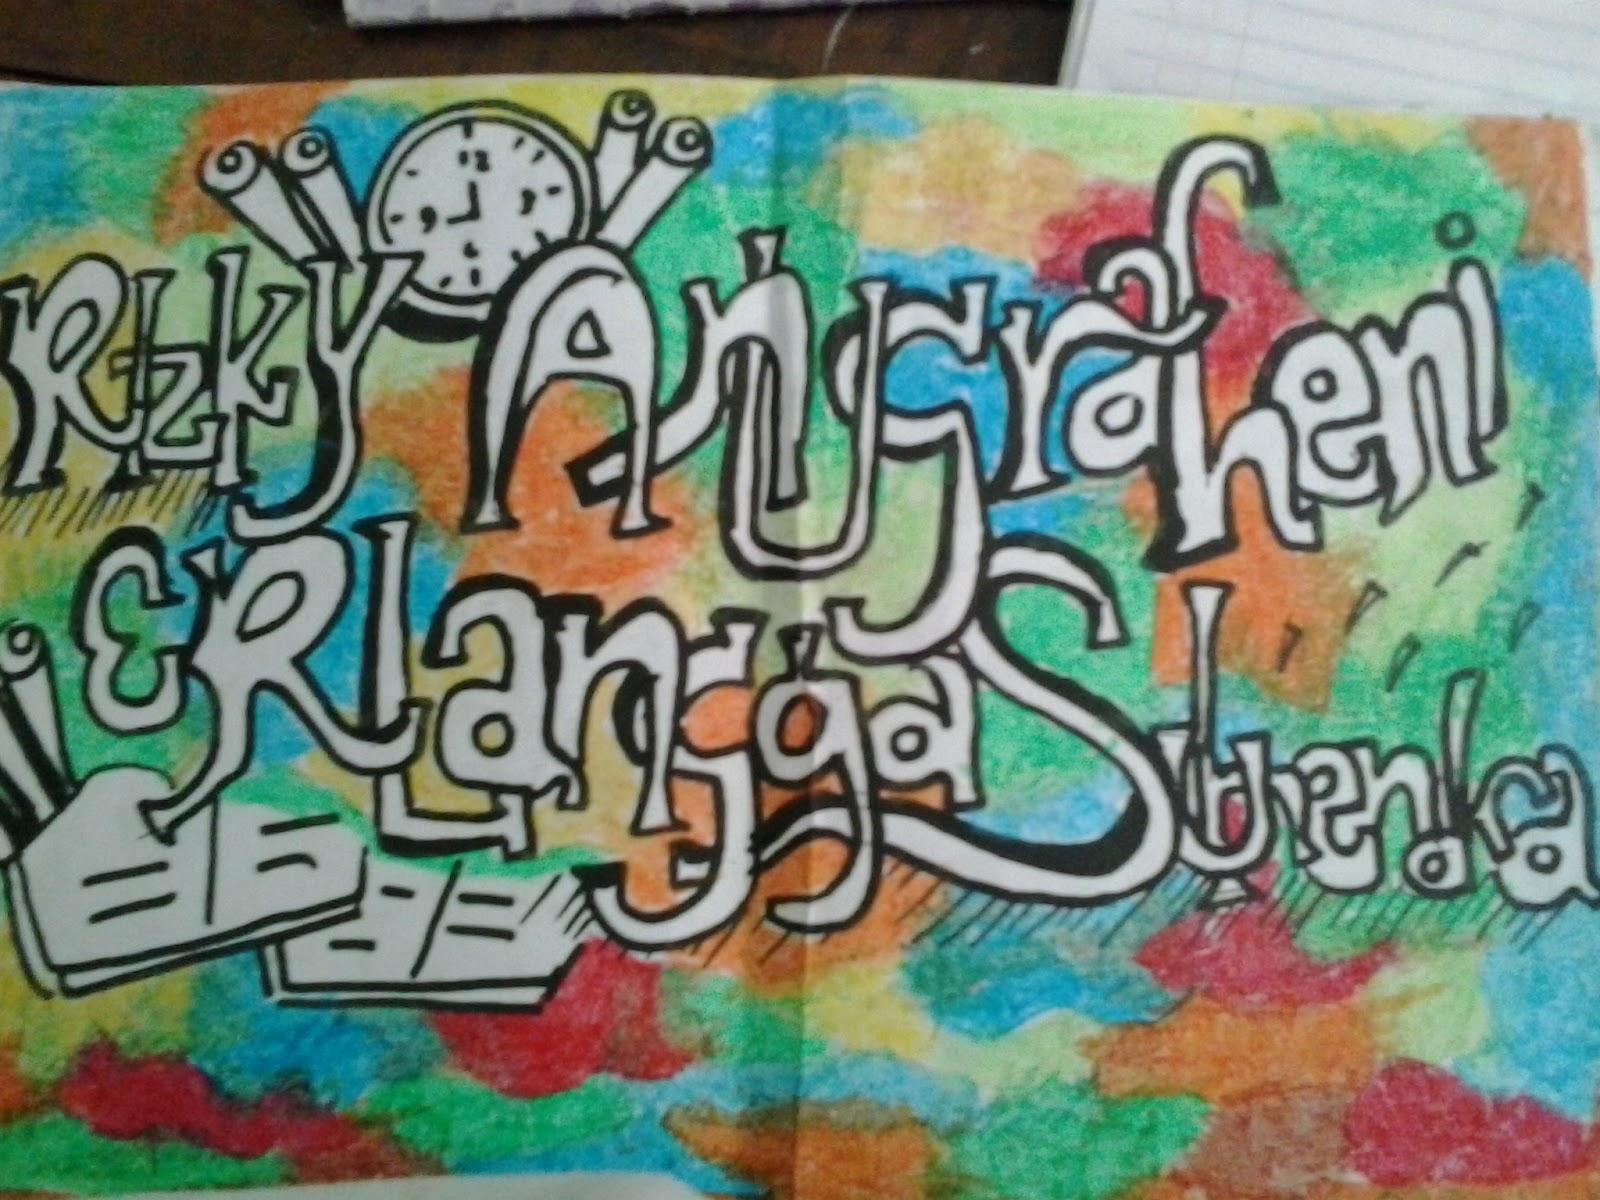 Contoh Gambar Grafiti Kartun  Sobgrafiti